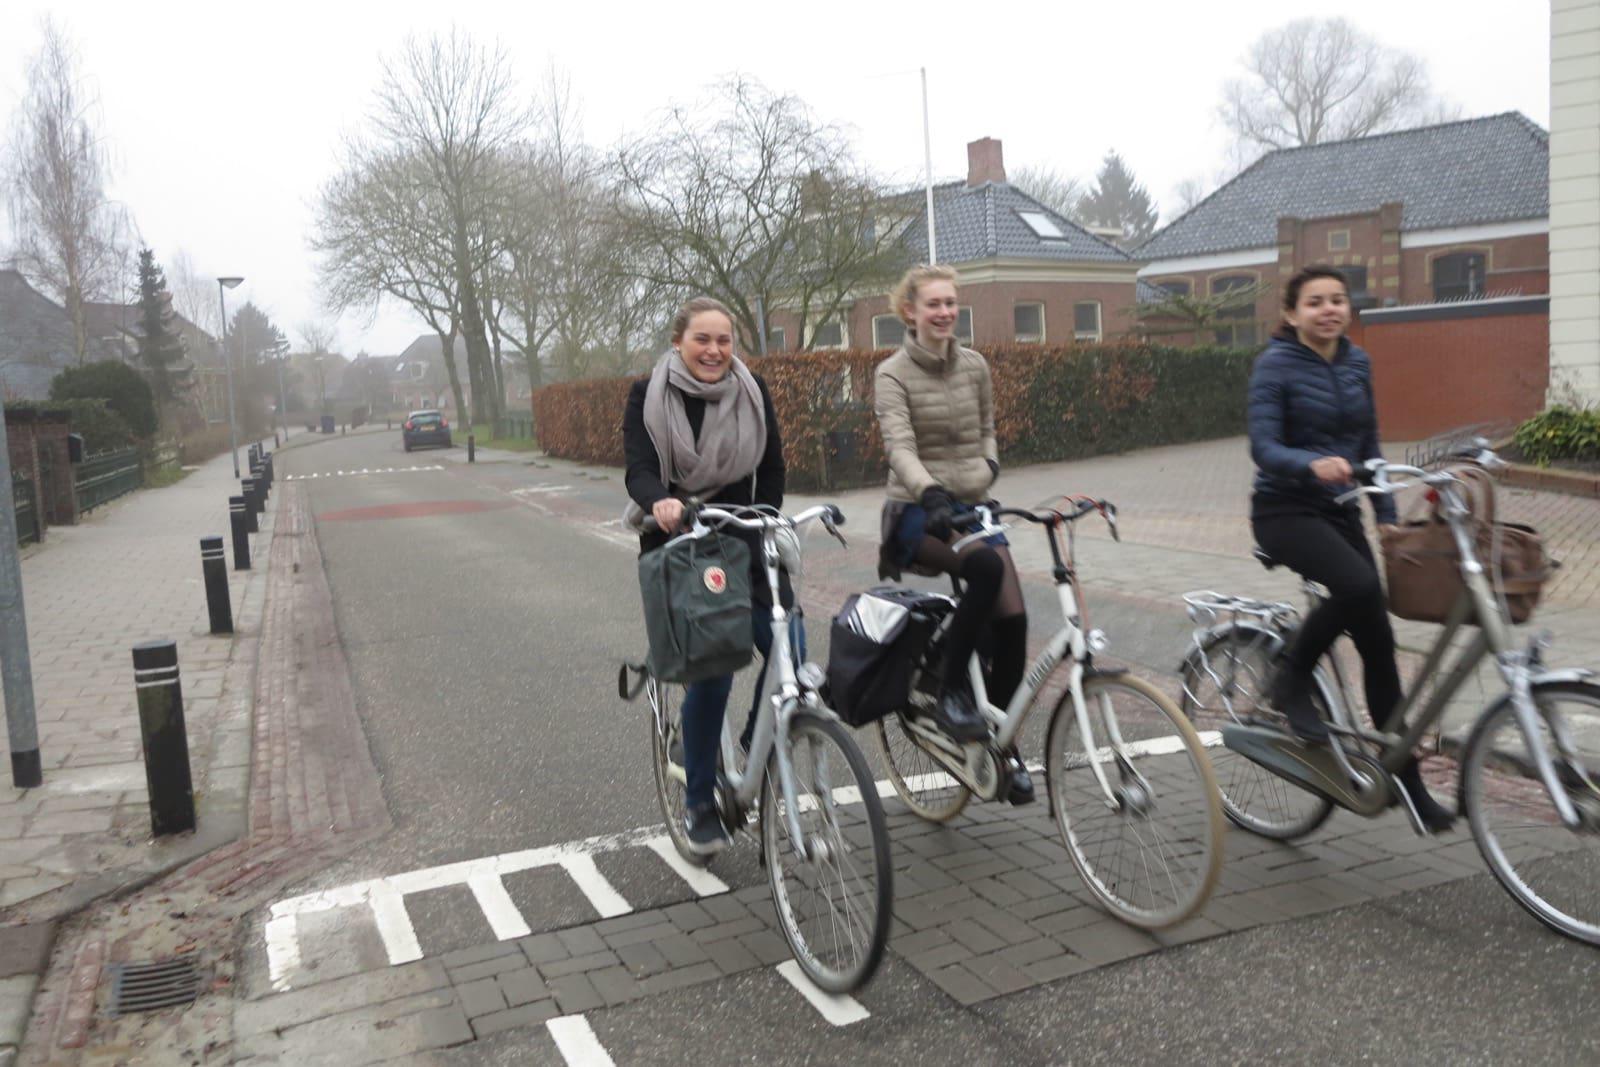 et-fiets-en-fietser-18-op-weg-naar-school-oi.jpg